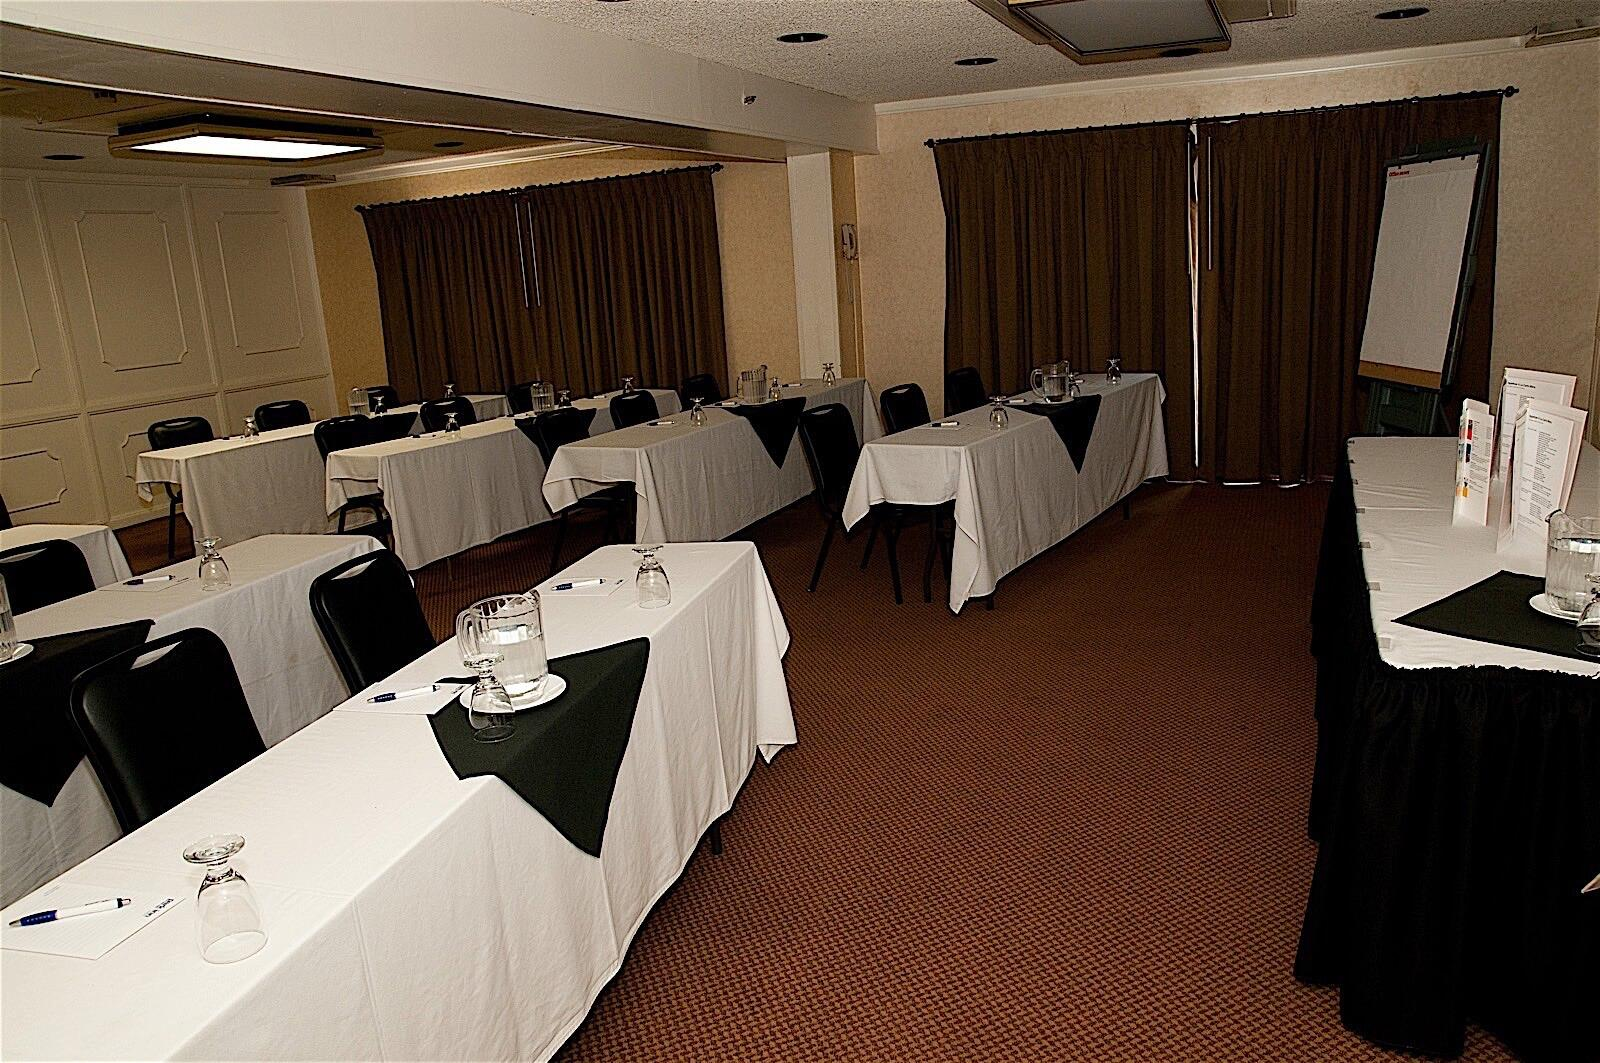 Banquet Setting at Hotel Fresno Ballroom